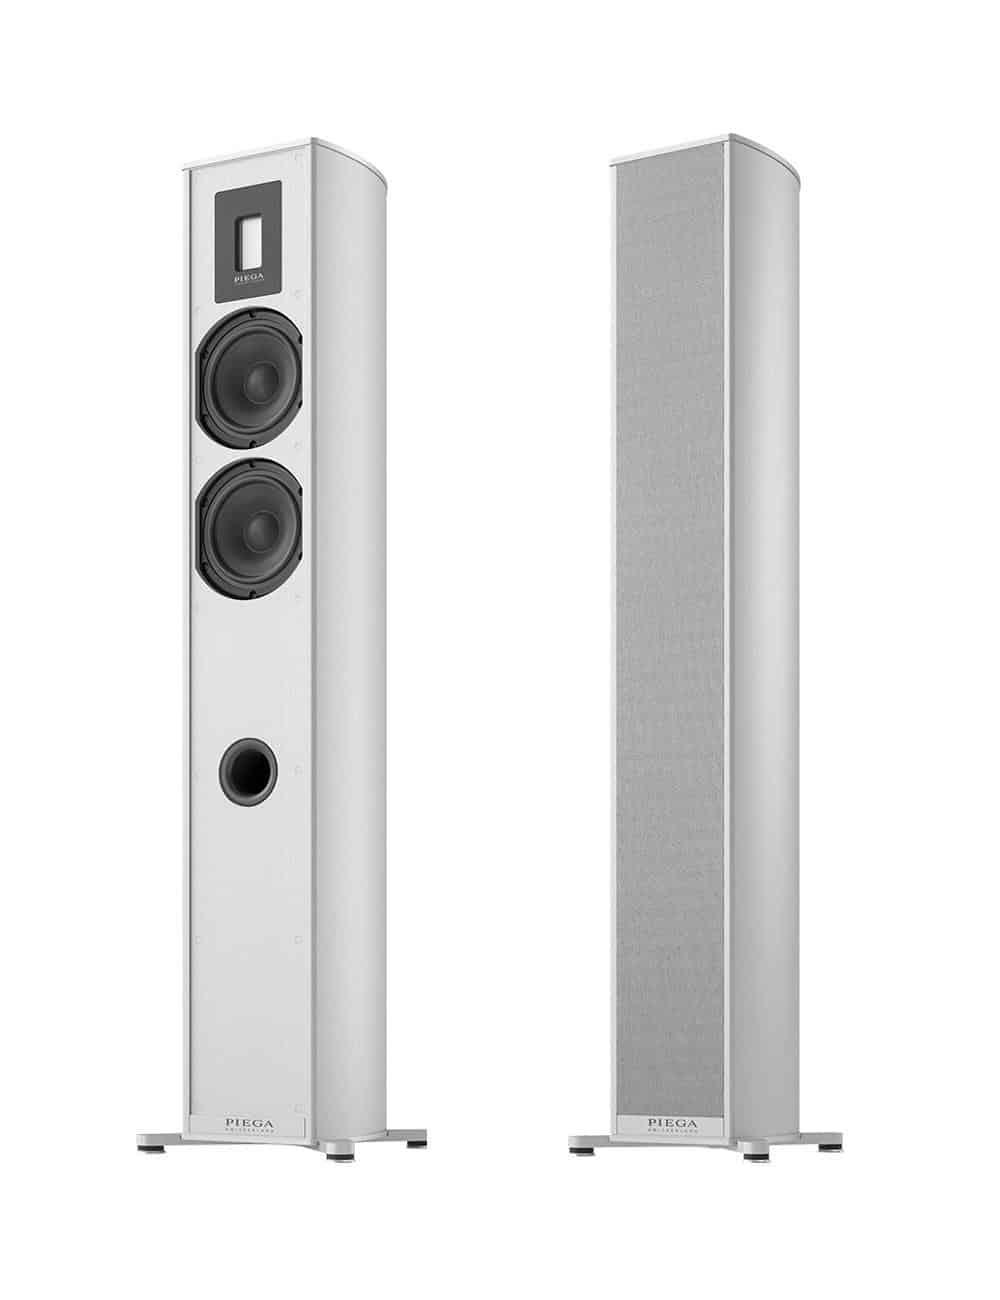 diffusori acustici amplificati wireless HiFi, Piega Premium Wireless 501, finitura aluminium silver